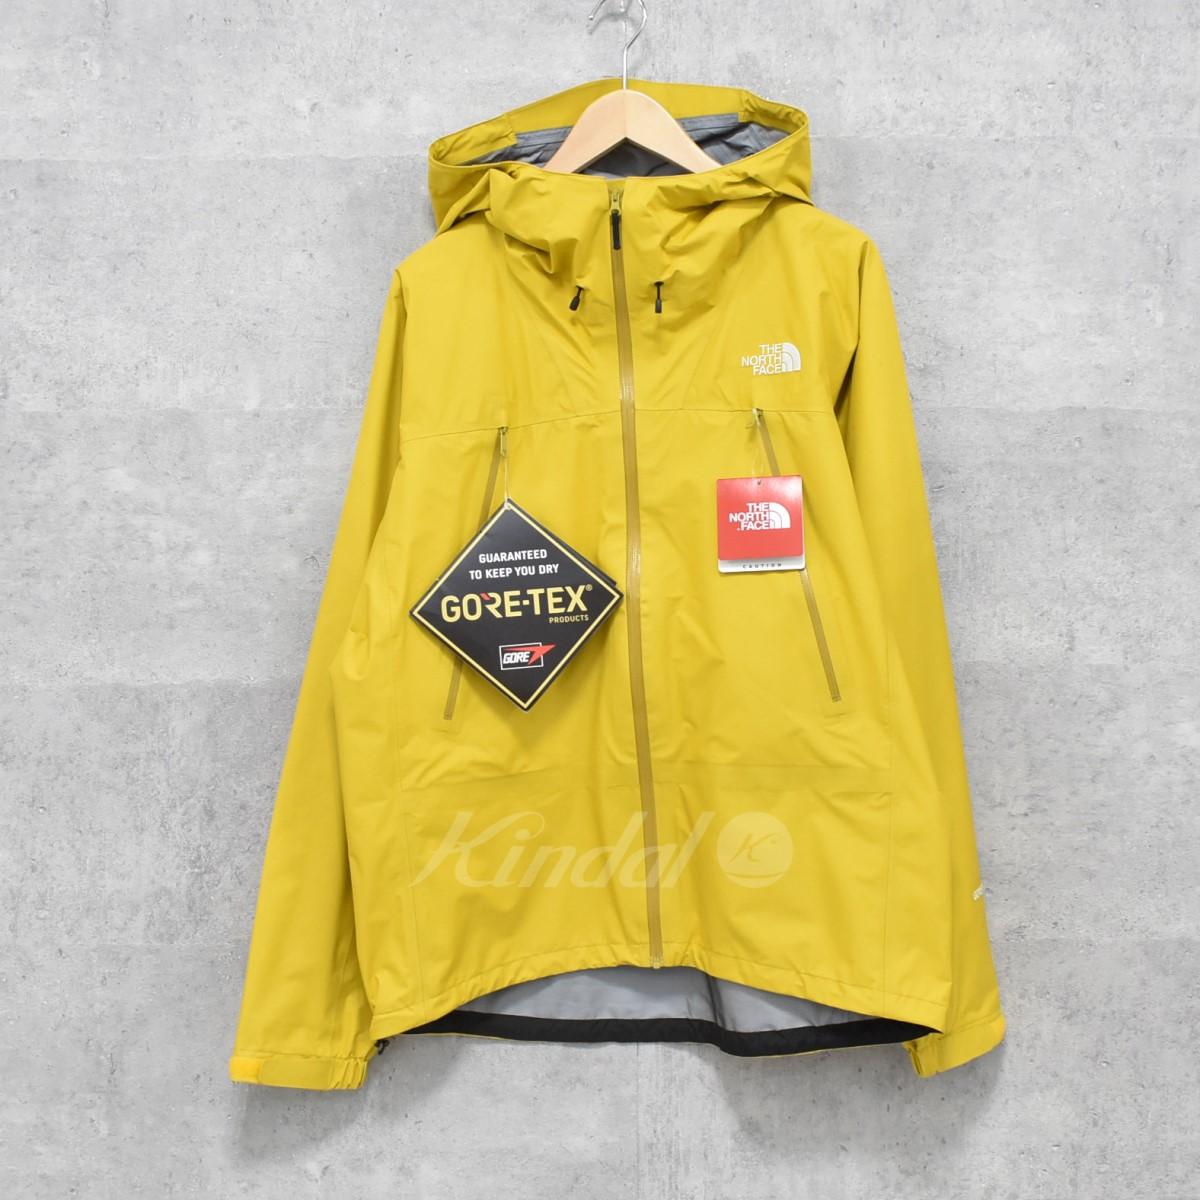 【中古】THE NORTH FACE NP11505 climb very light jacket マウンテンパーカー イエロー サイズ:L 【040520】(ザノースフェイス)